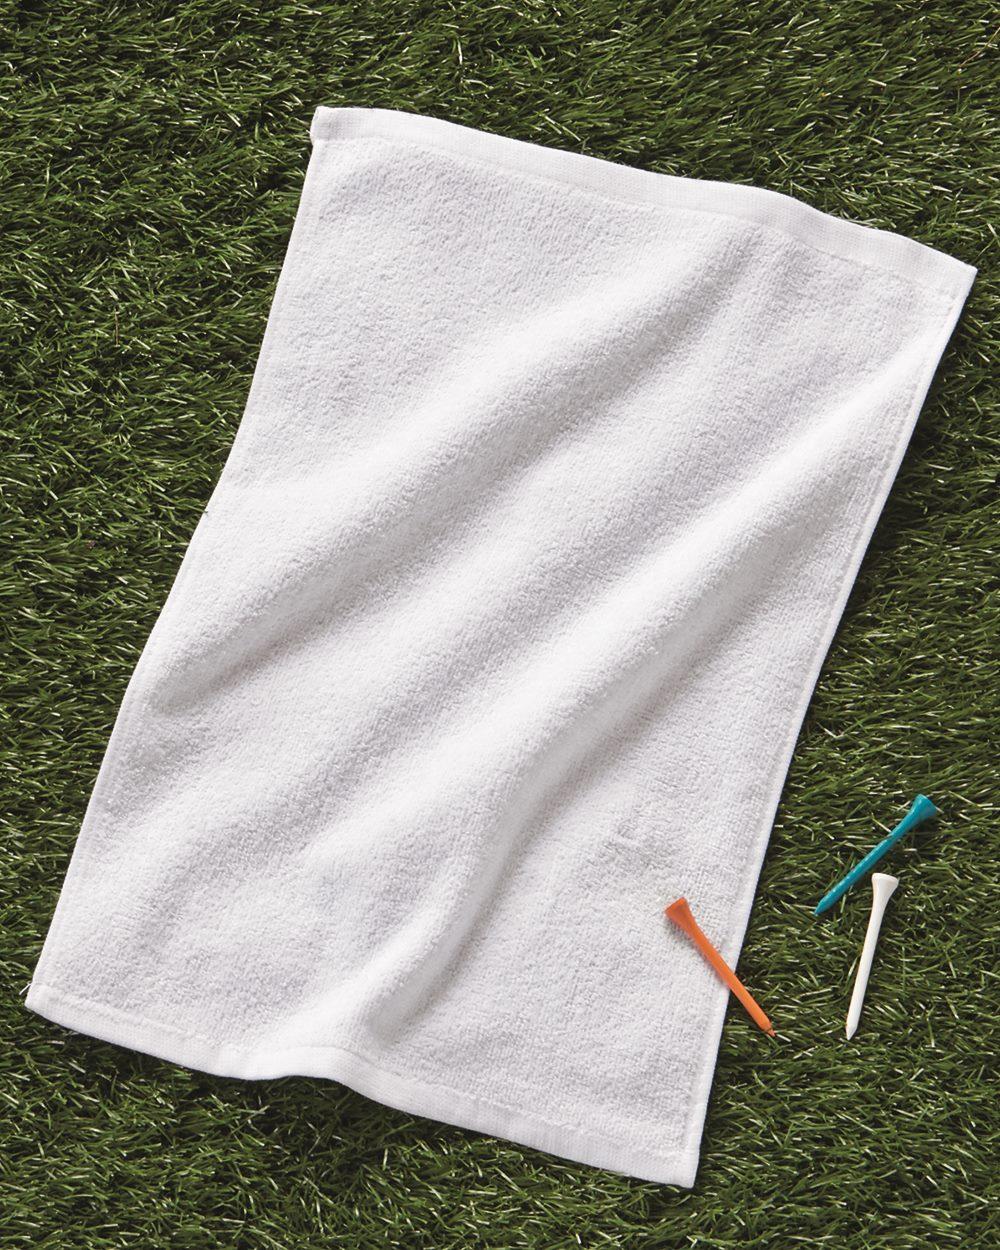 OAD OAD1118MF - Value Microfiber Rally Towel